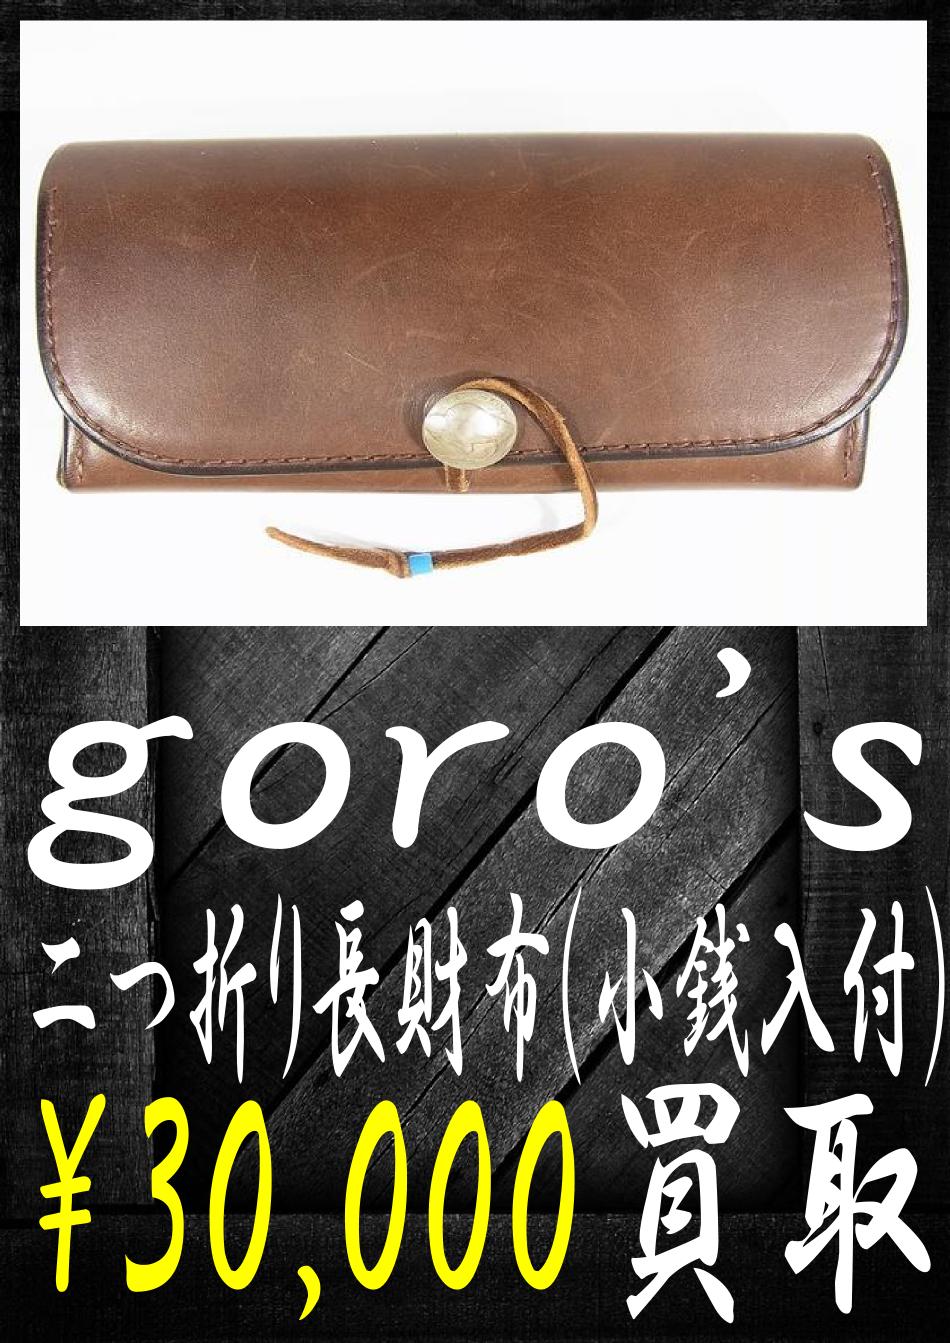 ゴローズの二つ折り長財布(小銭入付)-30000円買取です。